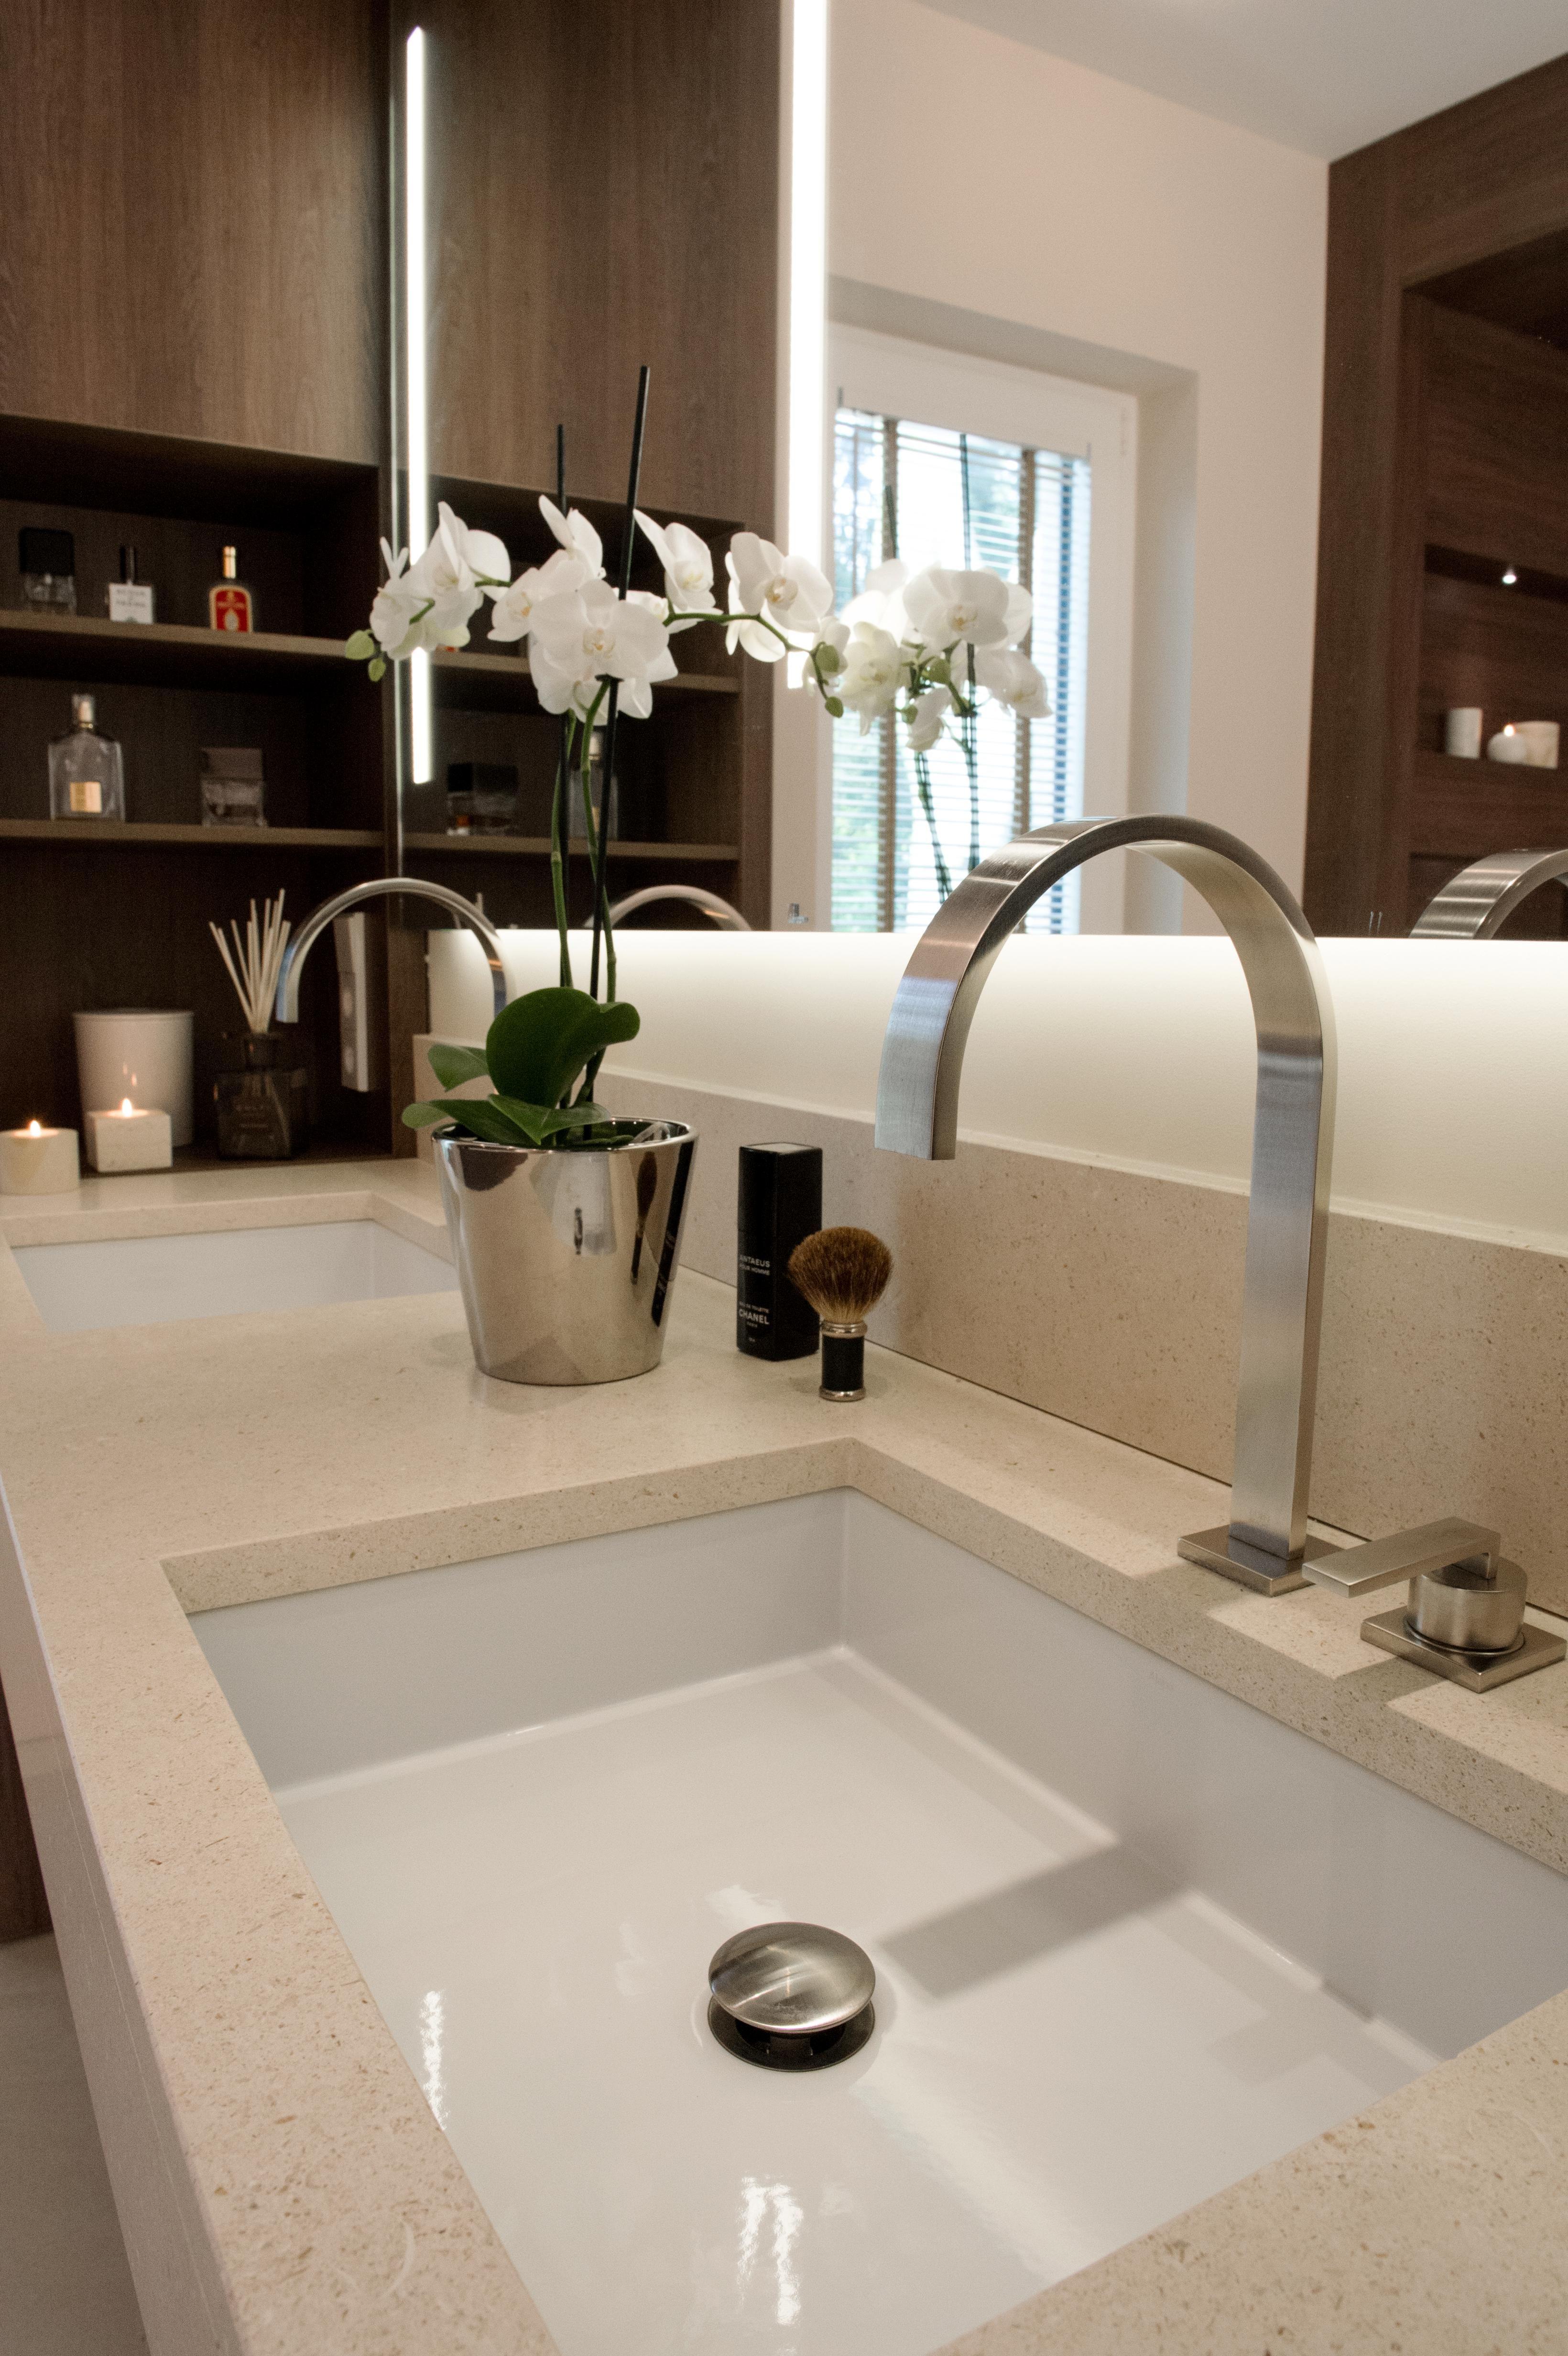 LandhausBadezimmer zum Verlieben Badezimmer trends